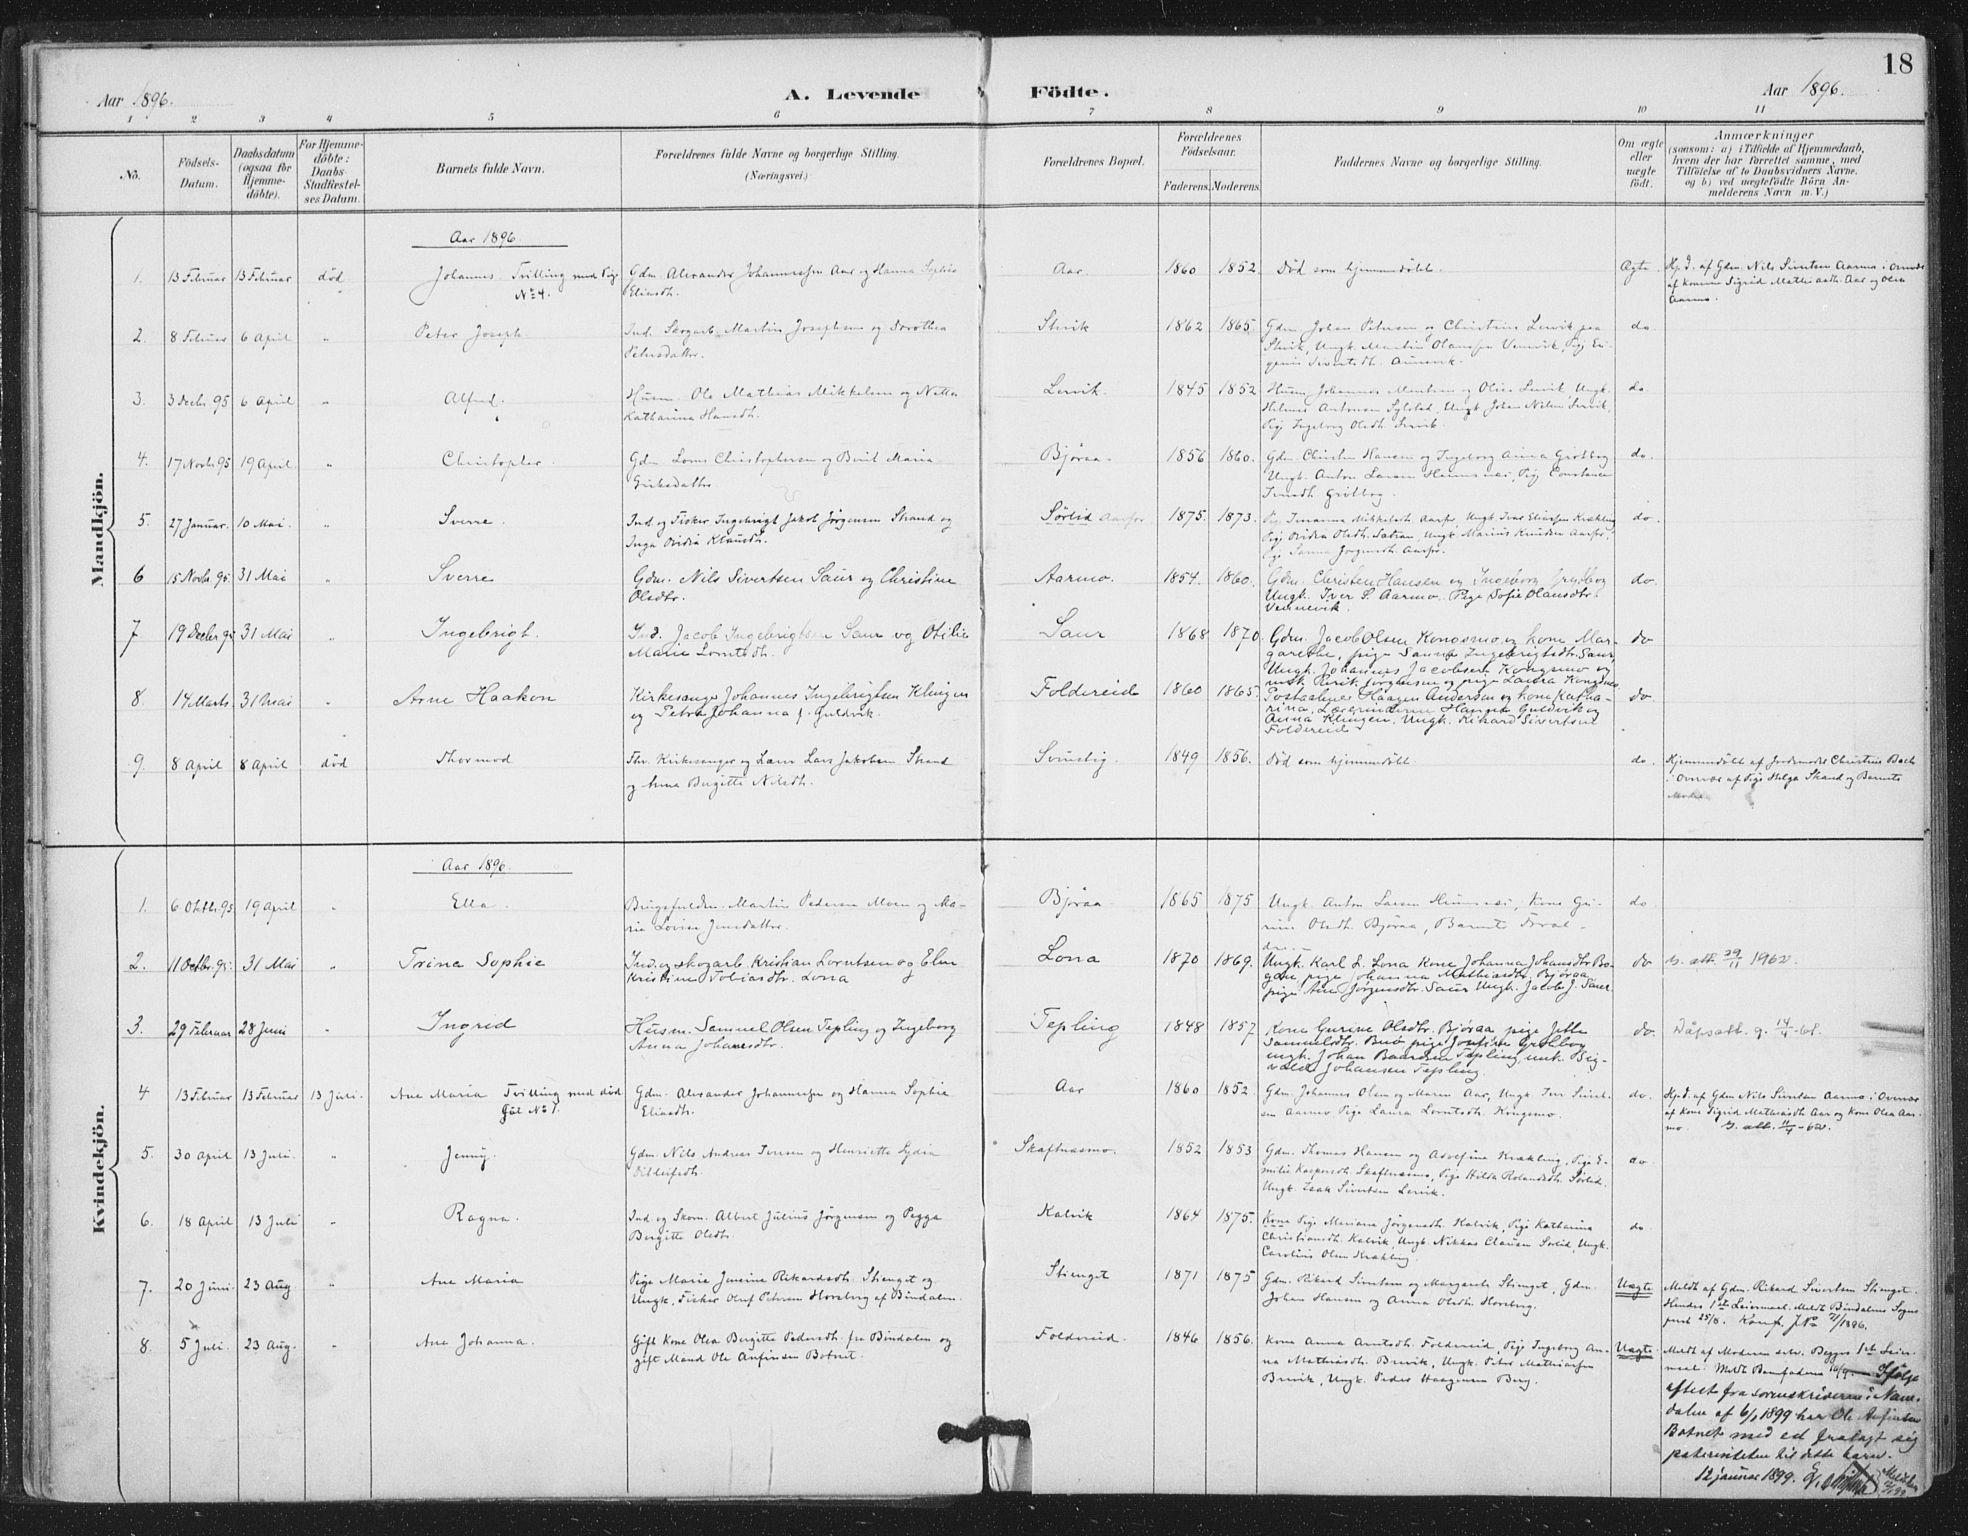 SAT, Ministerialprotokoller, klokkerbøker og fødselsregistre - Nord-Trøndelag, 783/L0660: Ministerialbok nr. 783A02, 1886-1918, s. 18